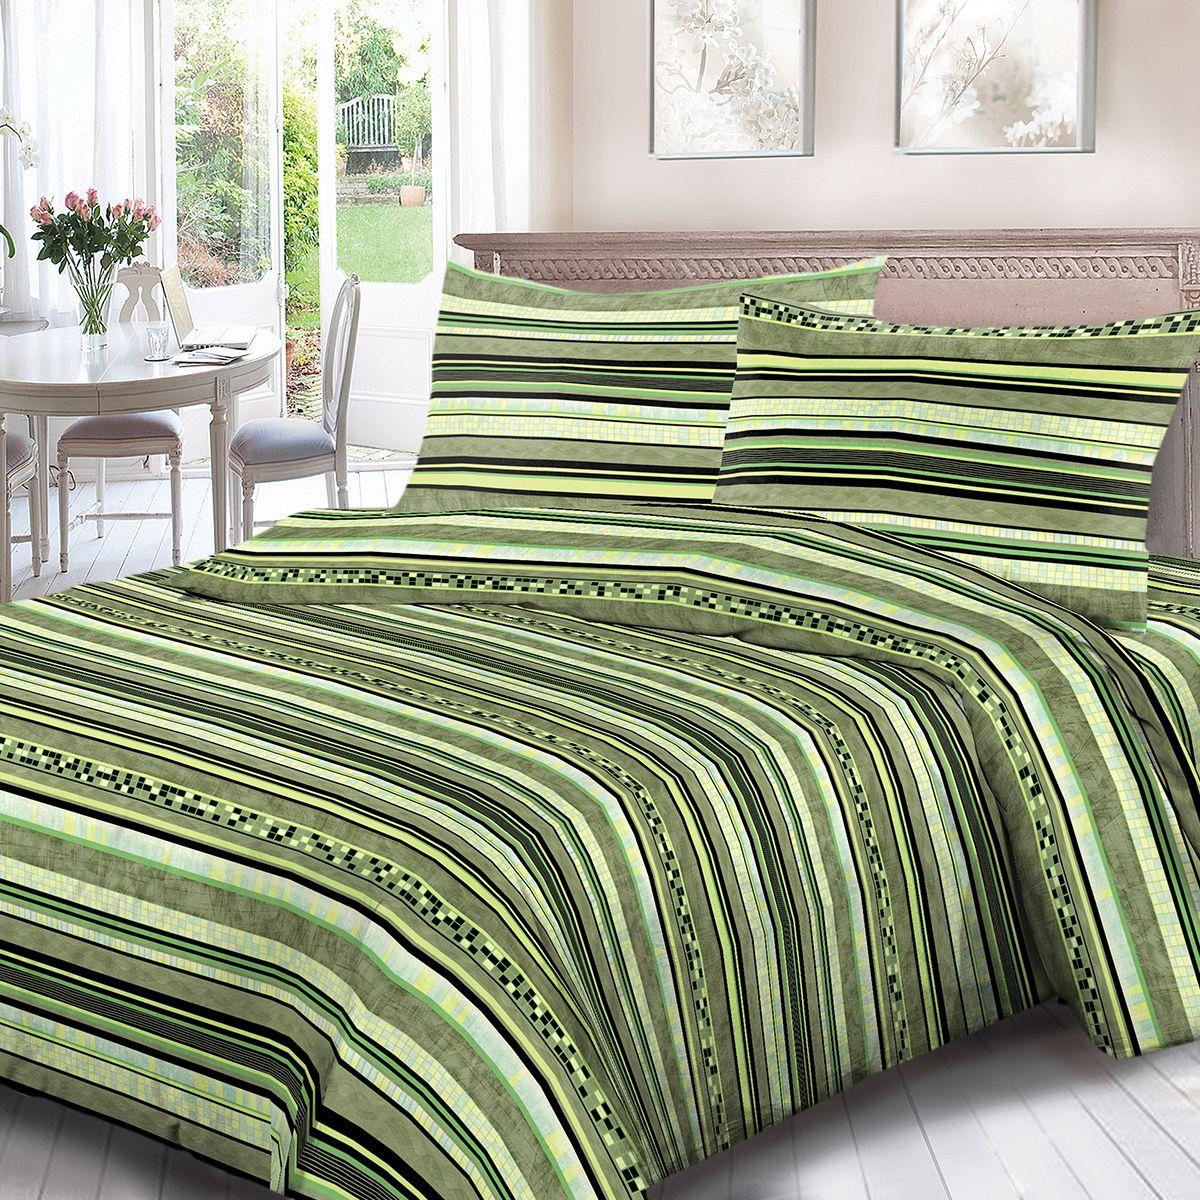 Комплект белья Для Снов Шанталь, семейный, наволочки 70x70, цвет: зеленый. 1680-182002